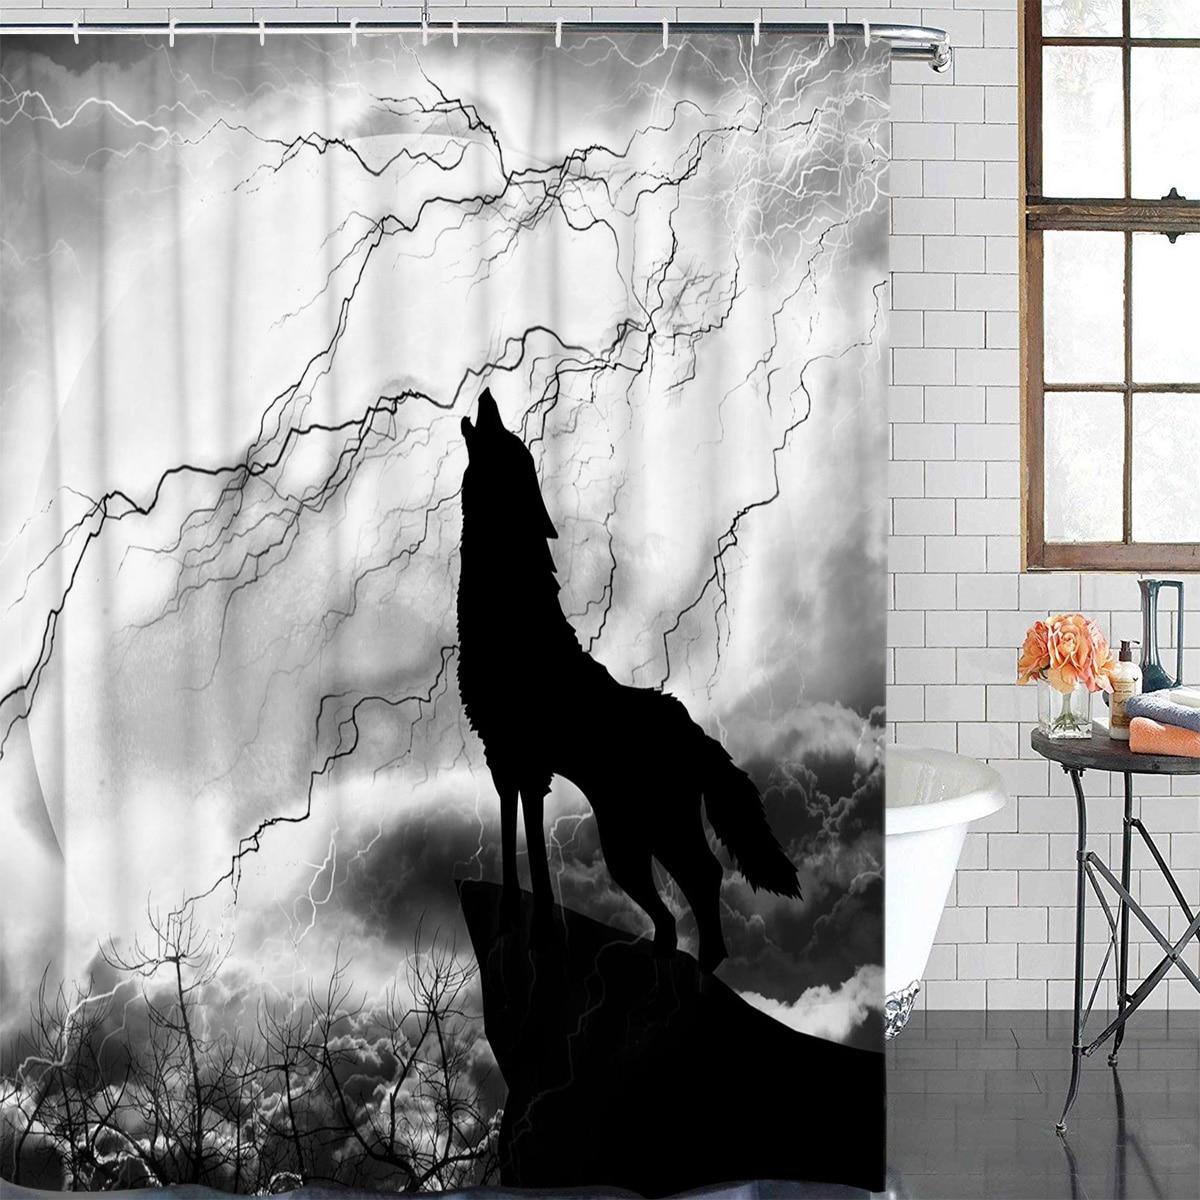 Cortina de baño Lobo negro noche relámpago Animal salvaje impermeable tela ducha cortina decoración del hogar Baño ducha cortina